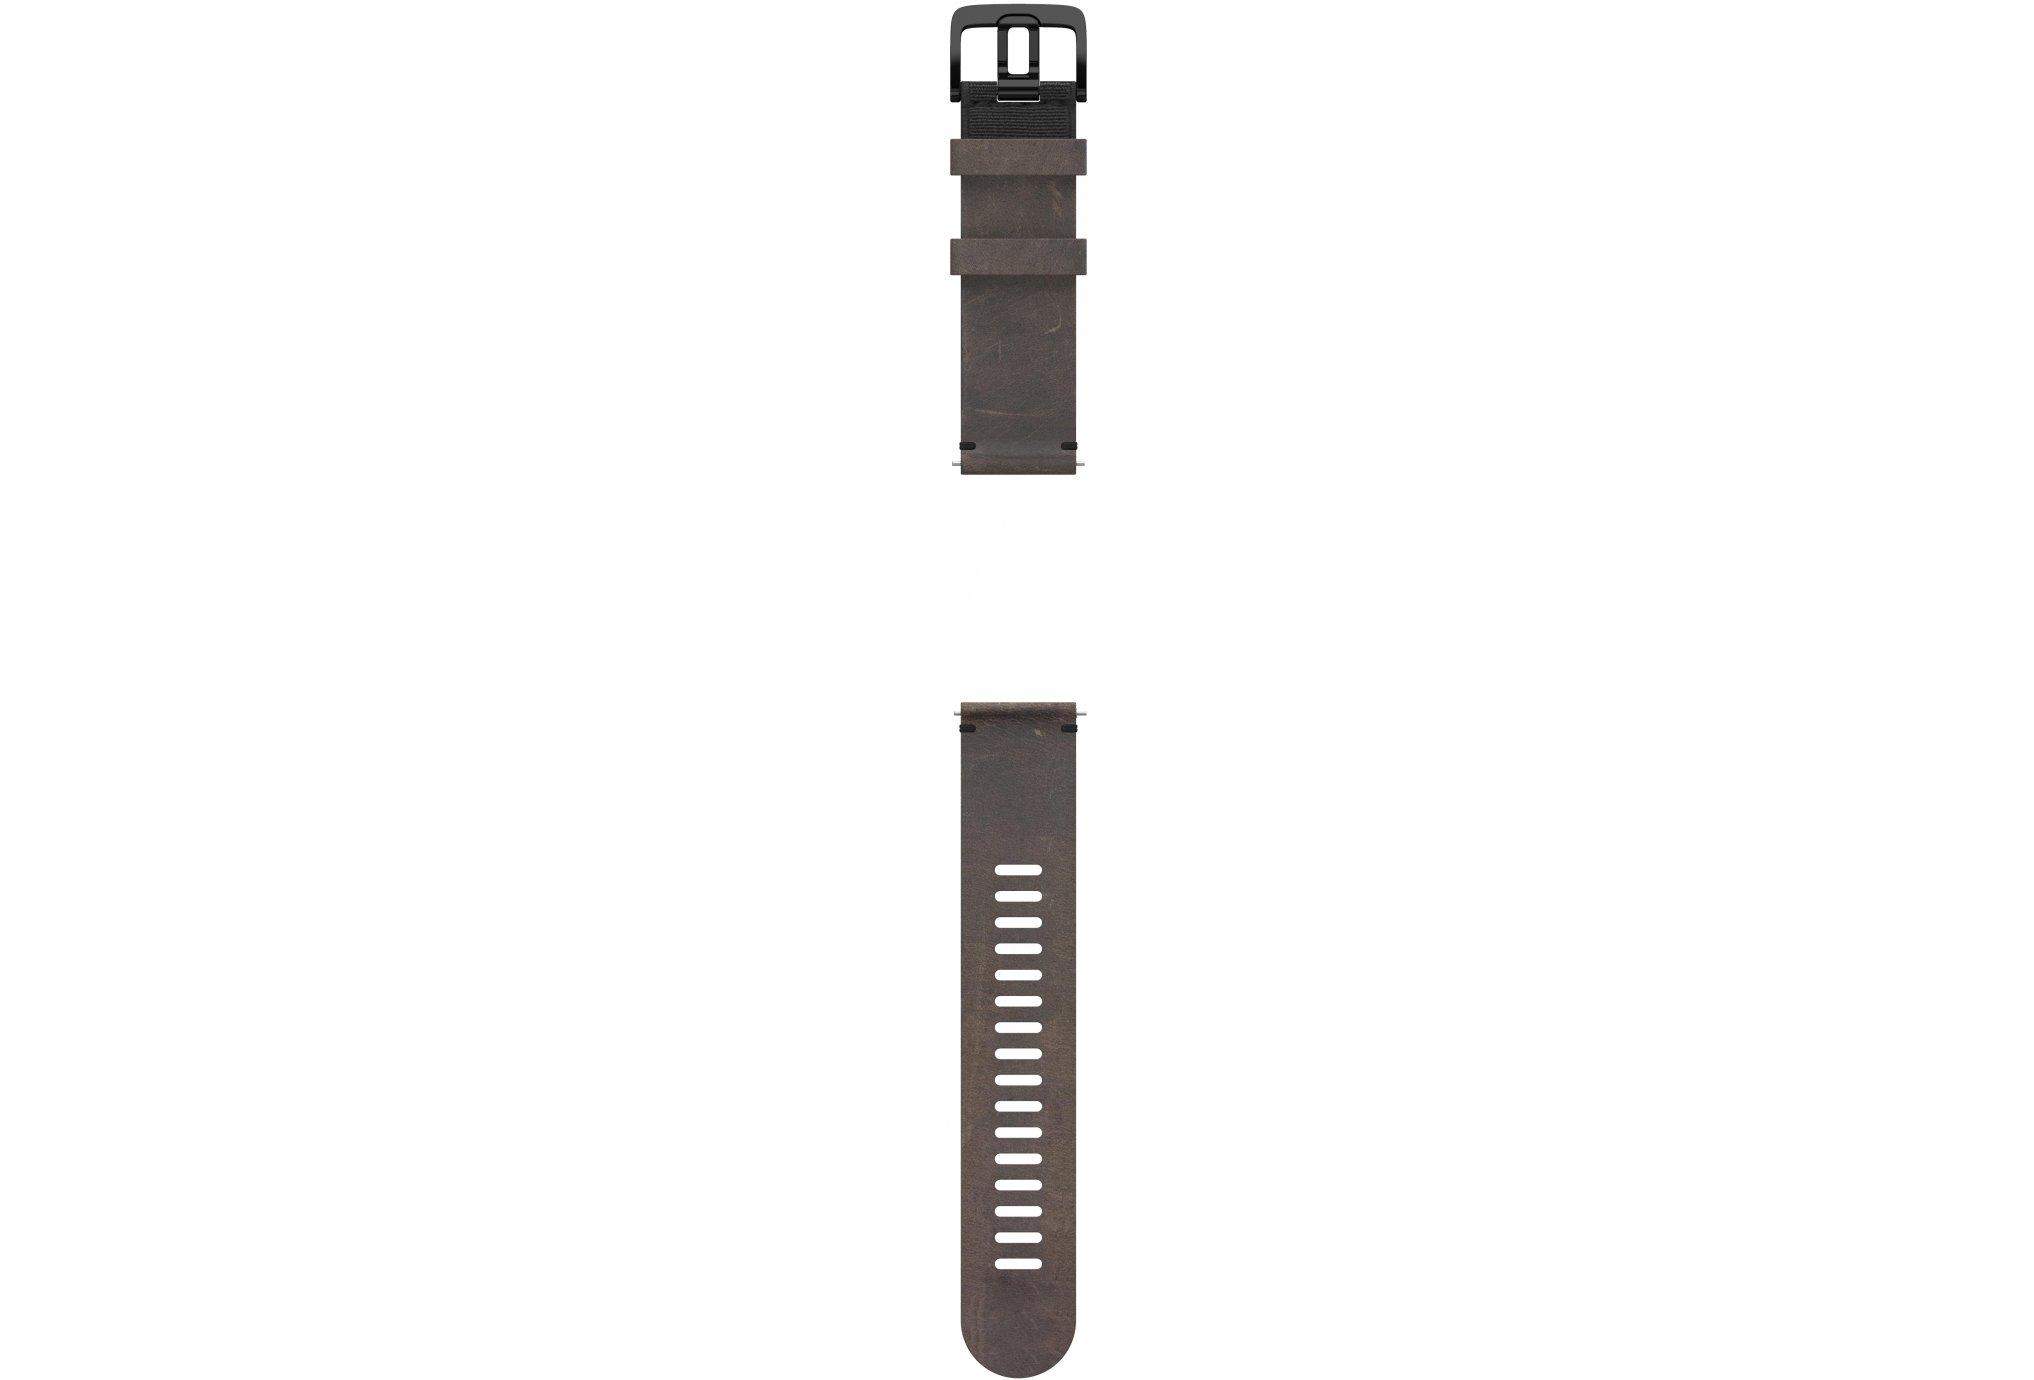 Polar Bracelet cuir Grit X - M/L Accessoires montres/ Bracelets